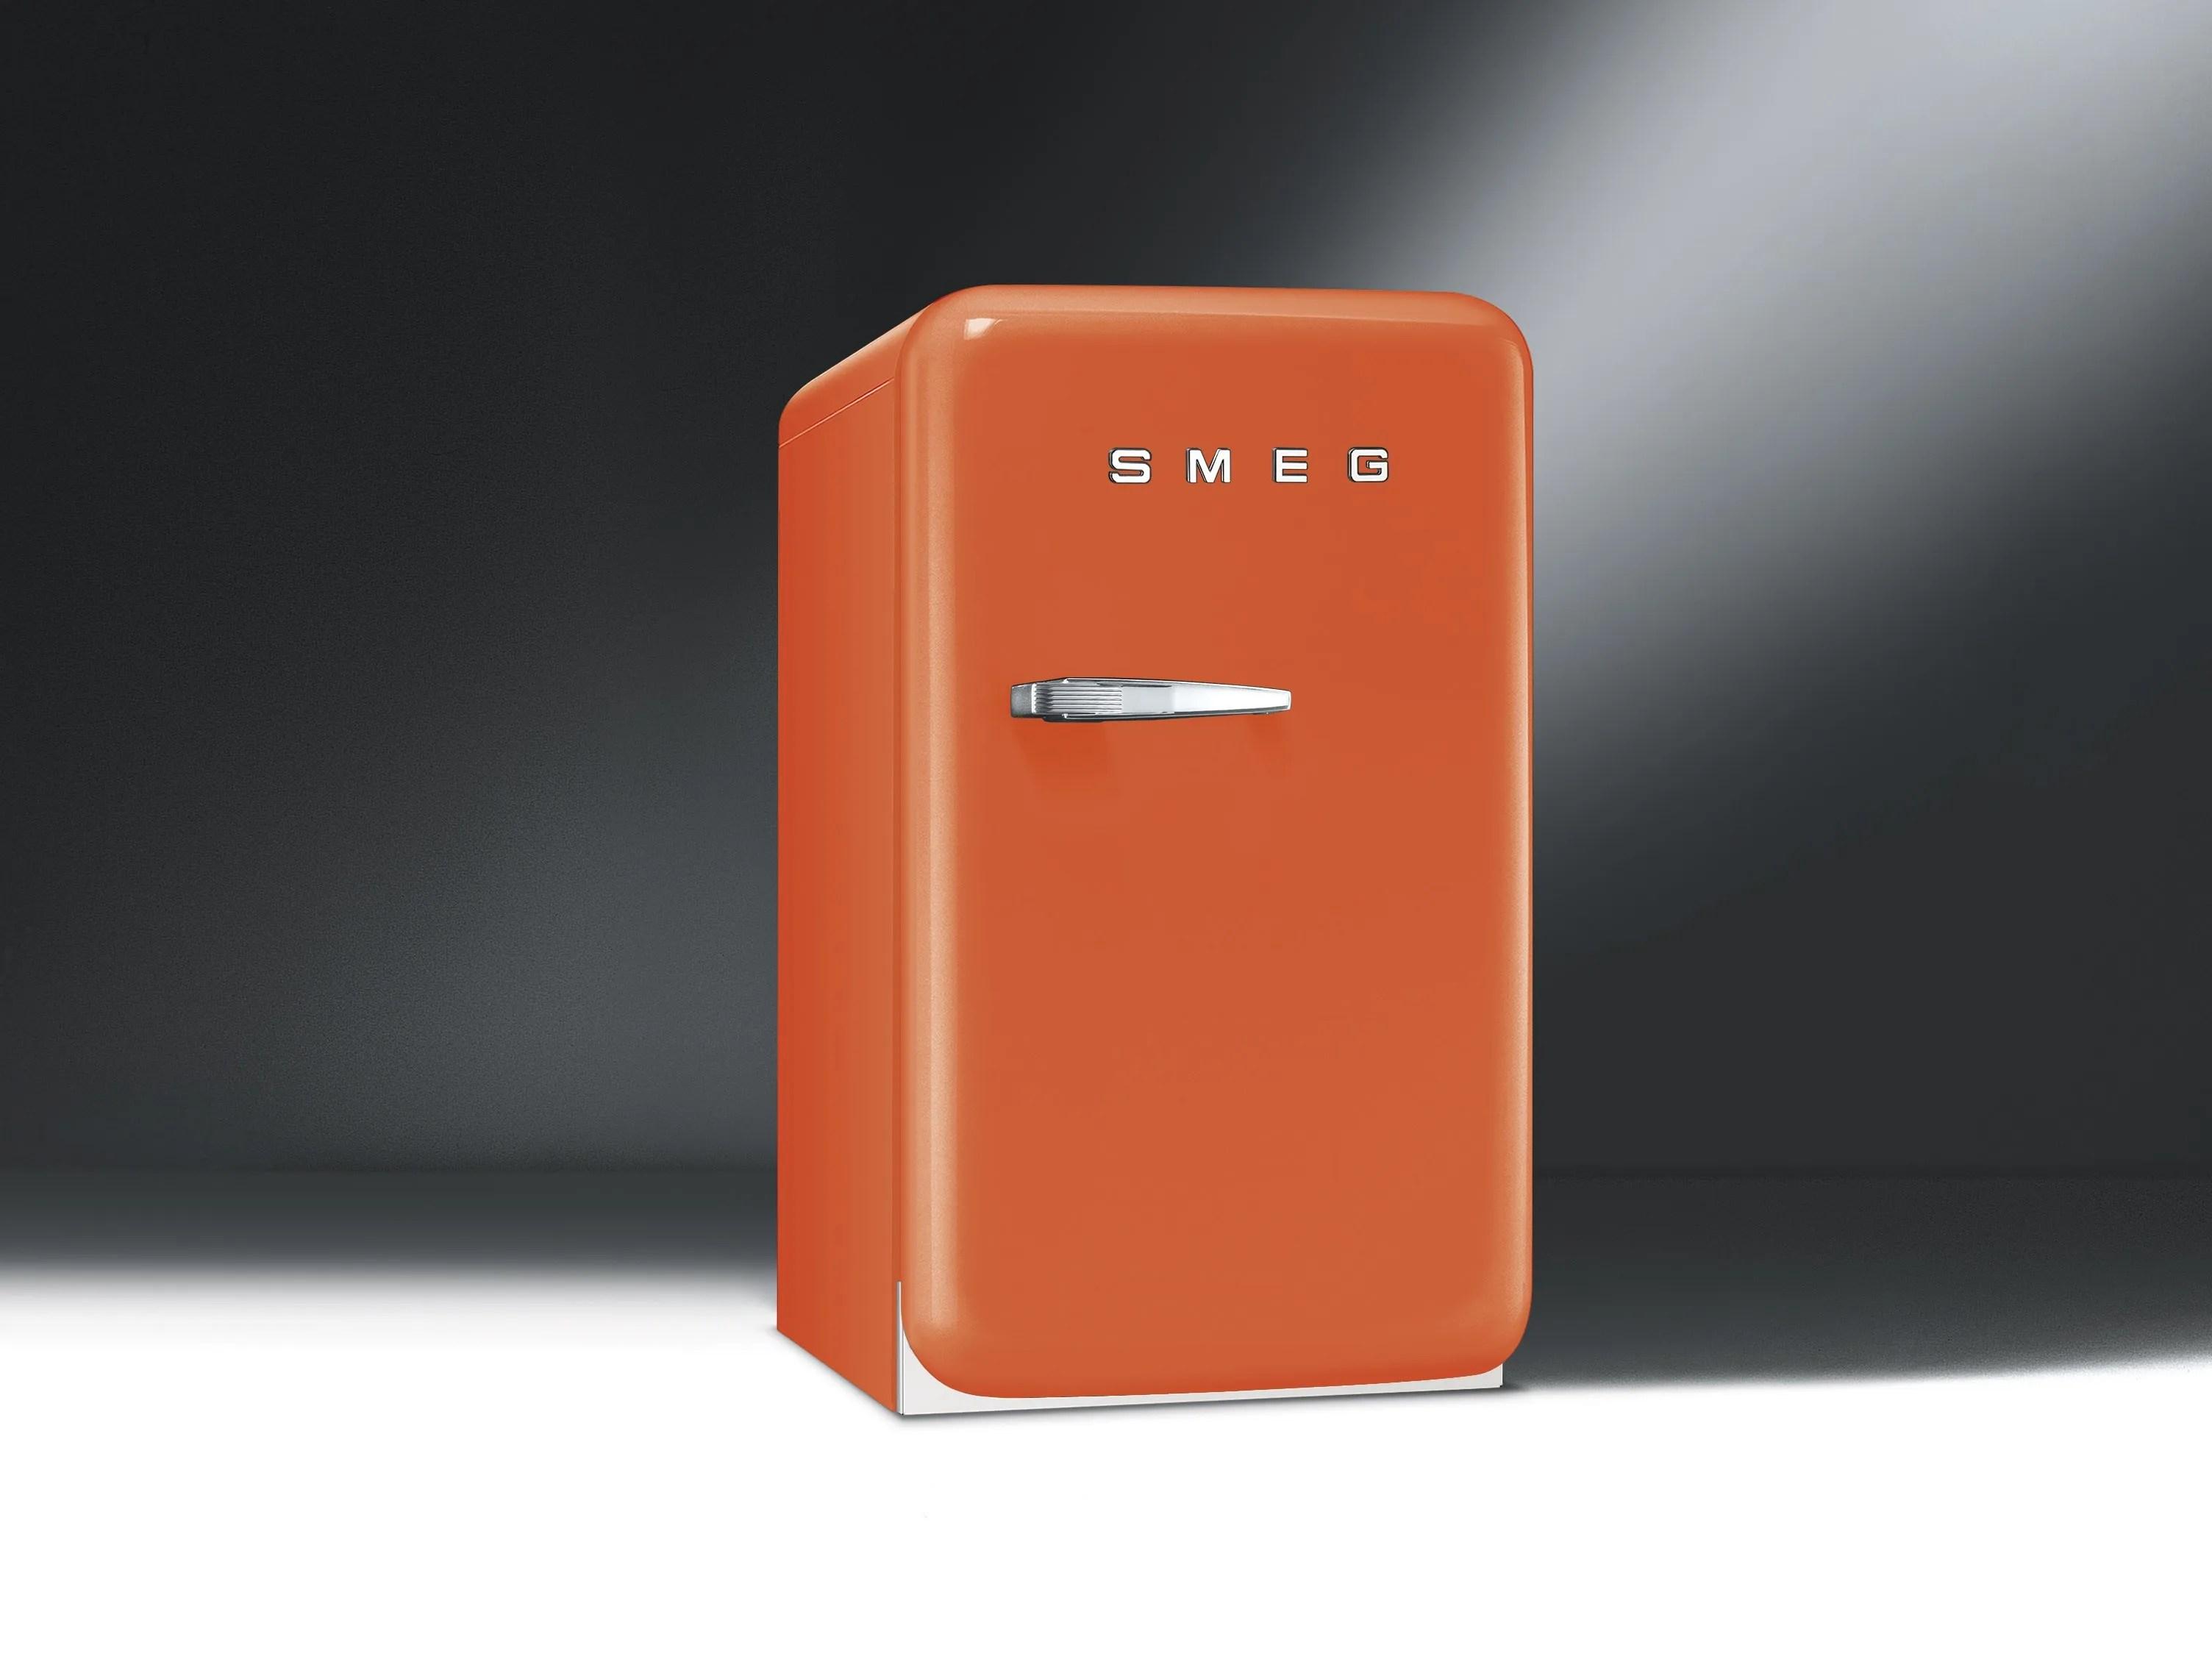 Dms Mini Kühlschrank Minibar Kühlbox : Dms mini kühlschrank dms mini kühlschrank minibar kühlbox